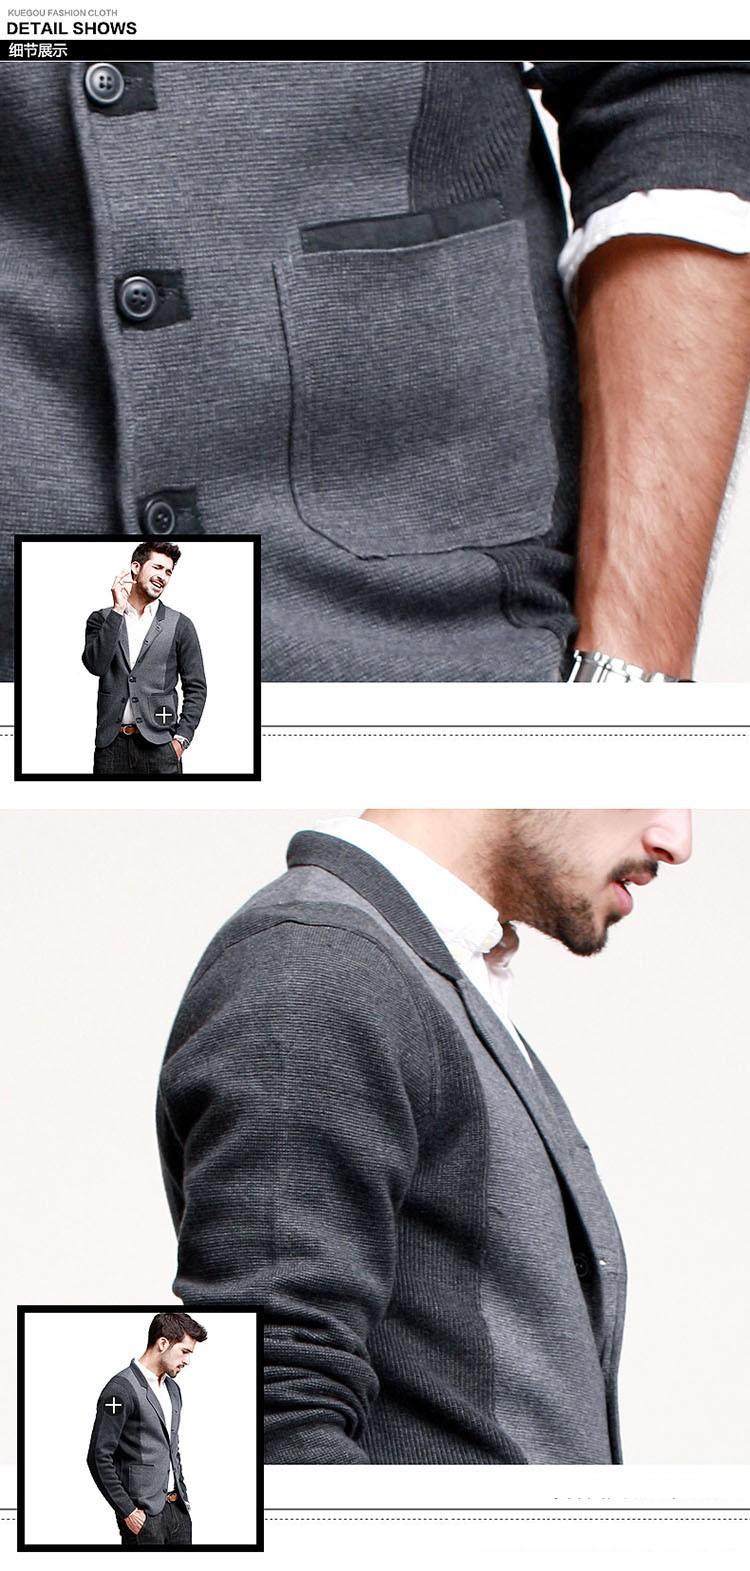 Человек вязание пиджаки, мужской моды тонкий блейзеры, однобортный пиджаки 88631